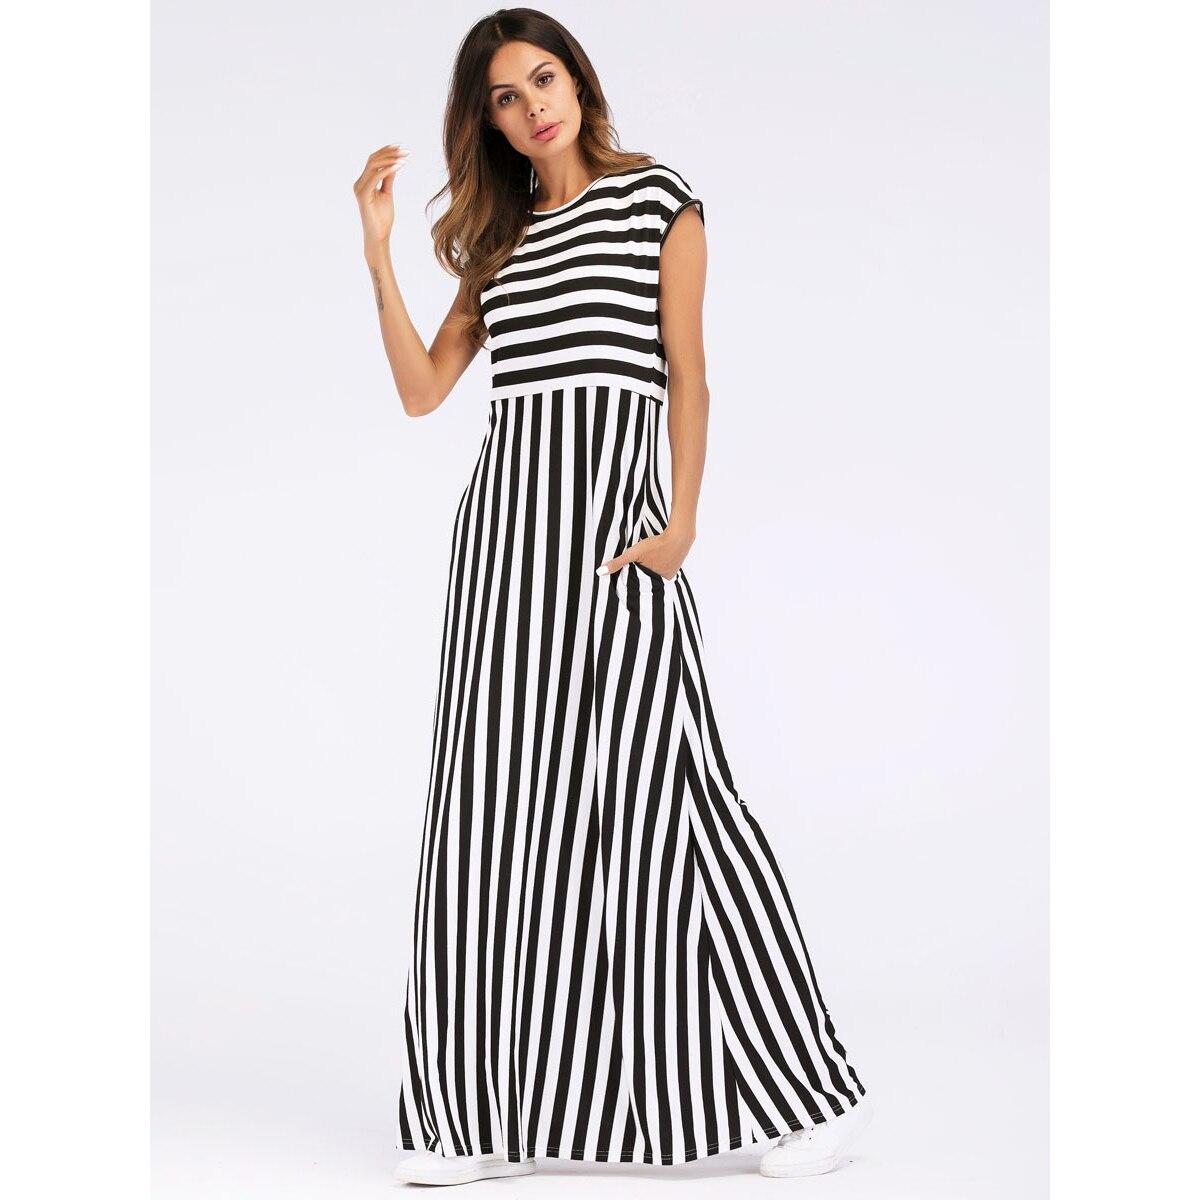 7880e1b99cf0 Maxi Summer Dresses Size 20